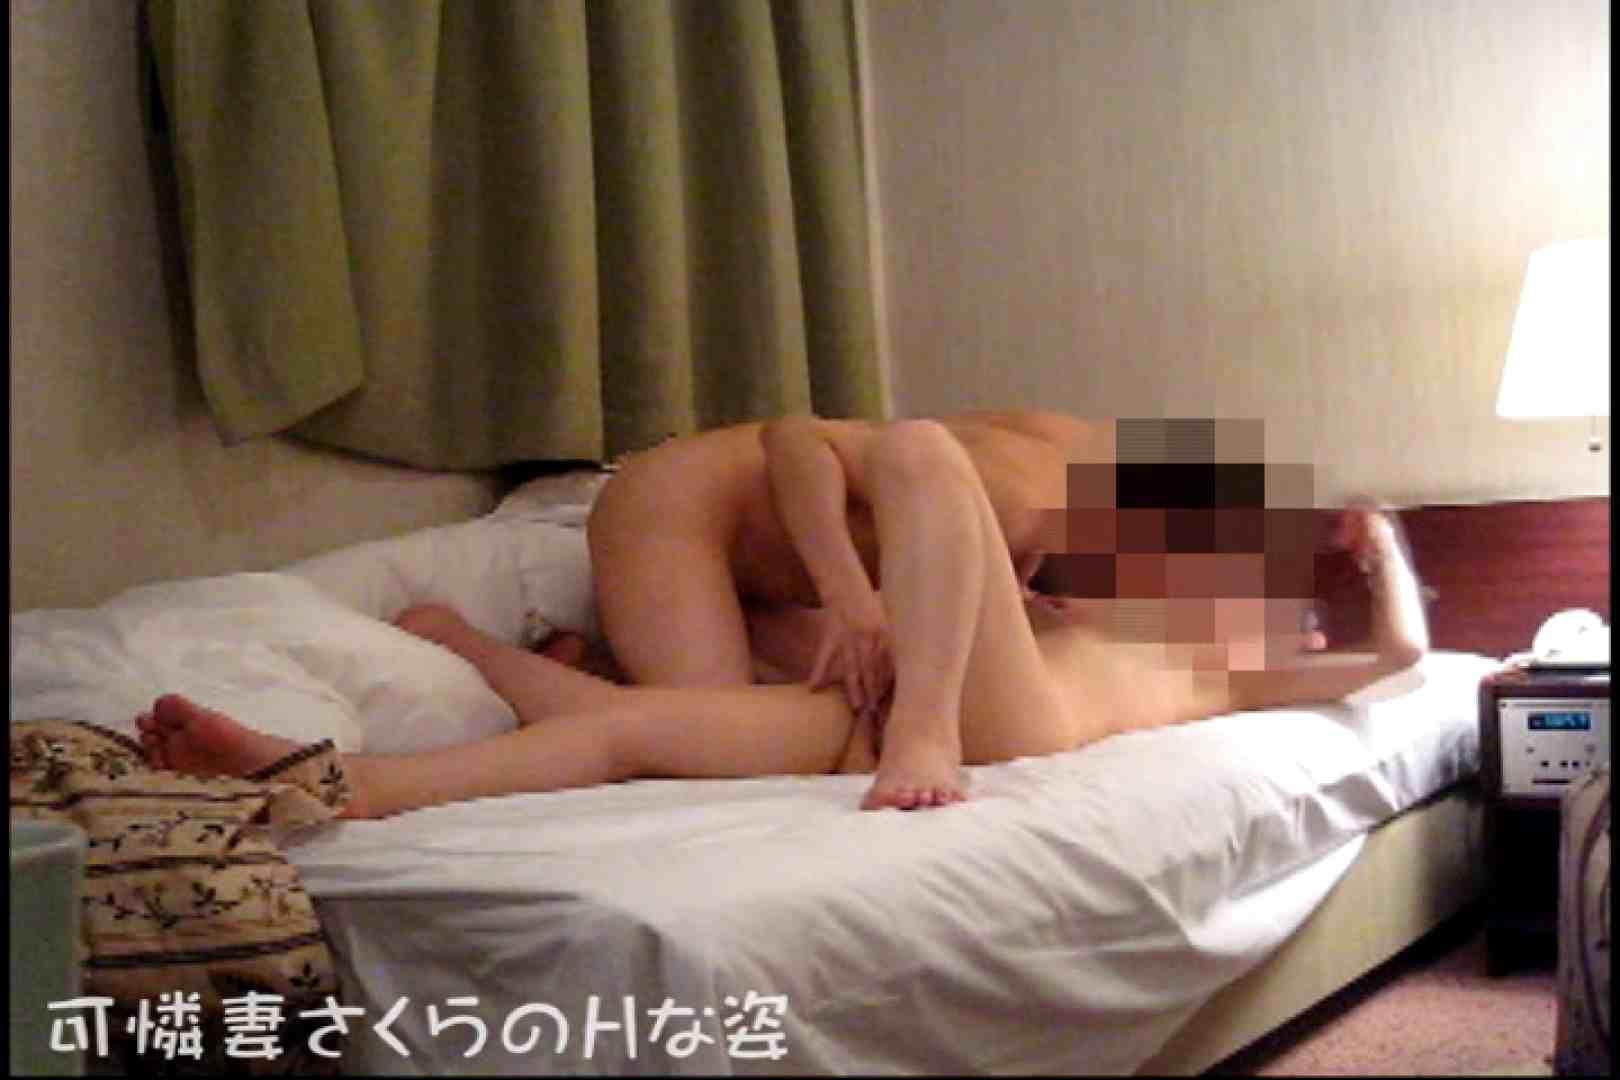 可憐妻さくらのHな姿vol.5前編 ホテル  23連発 6